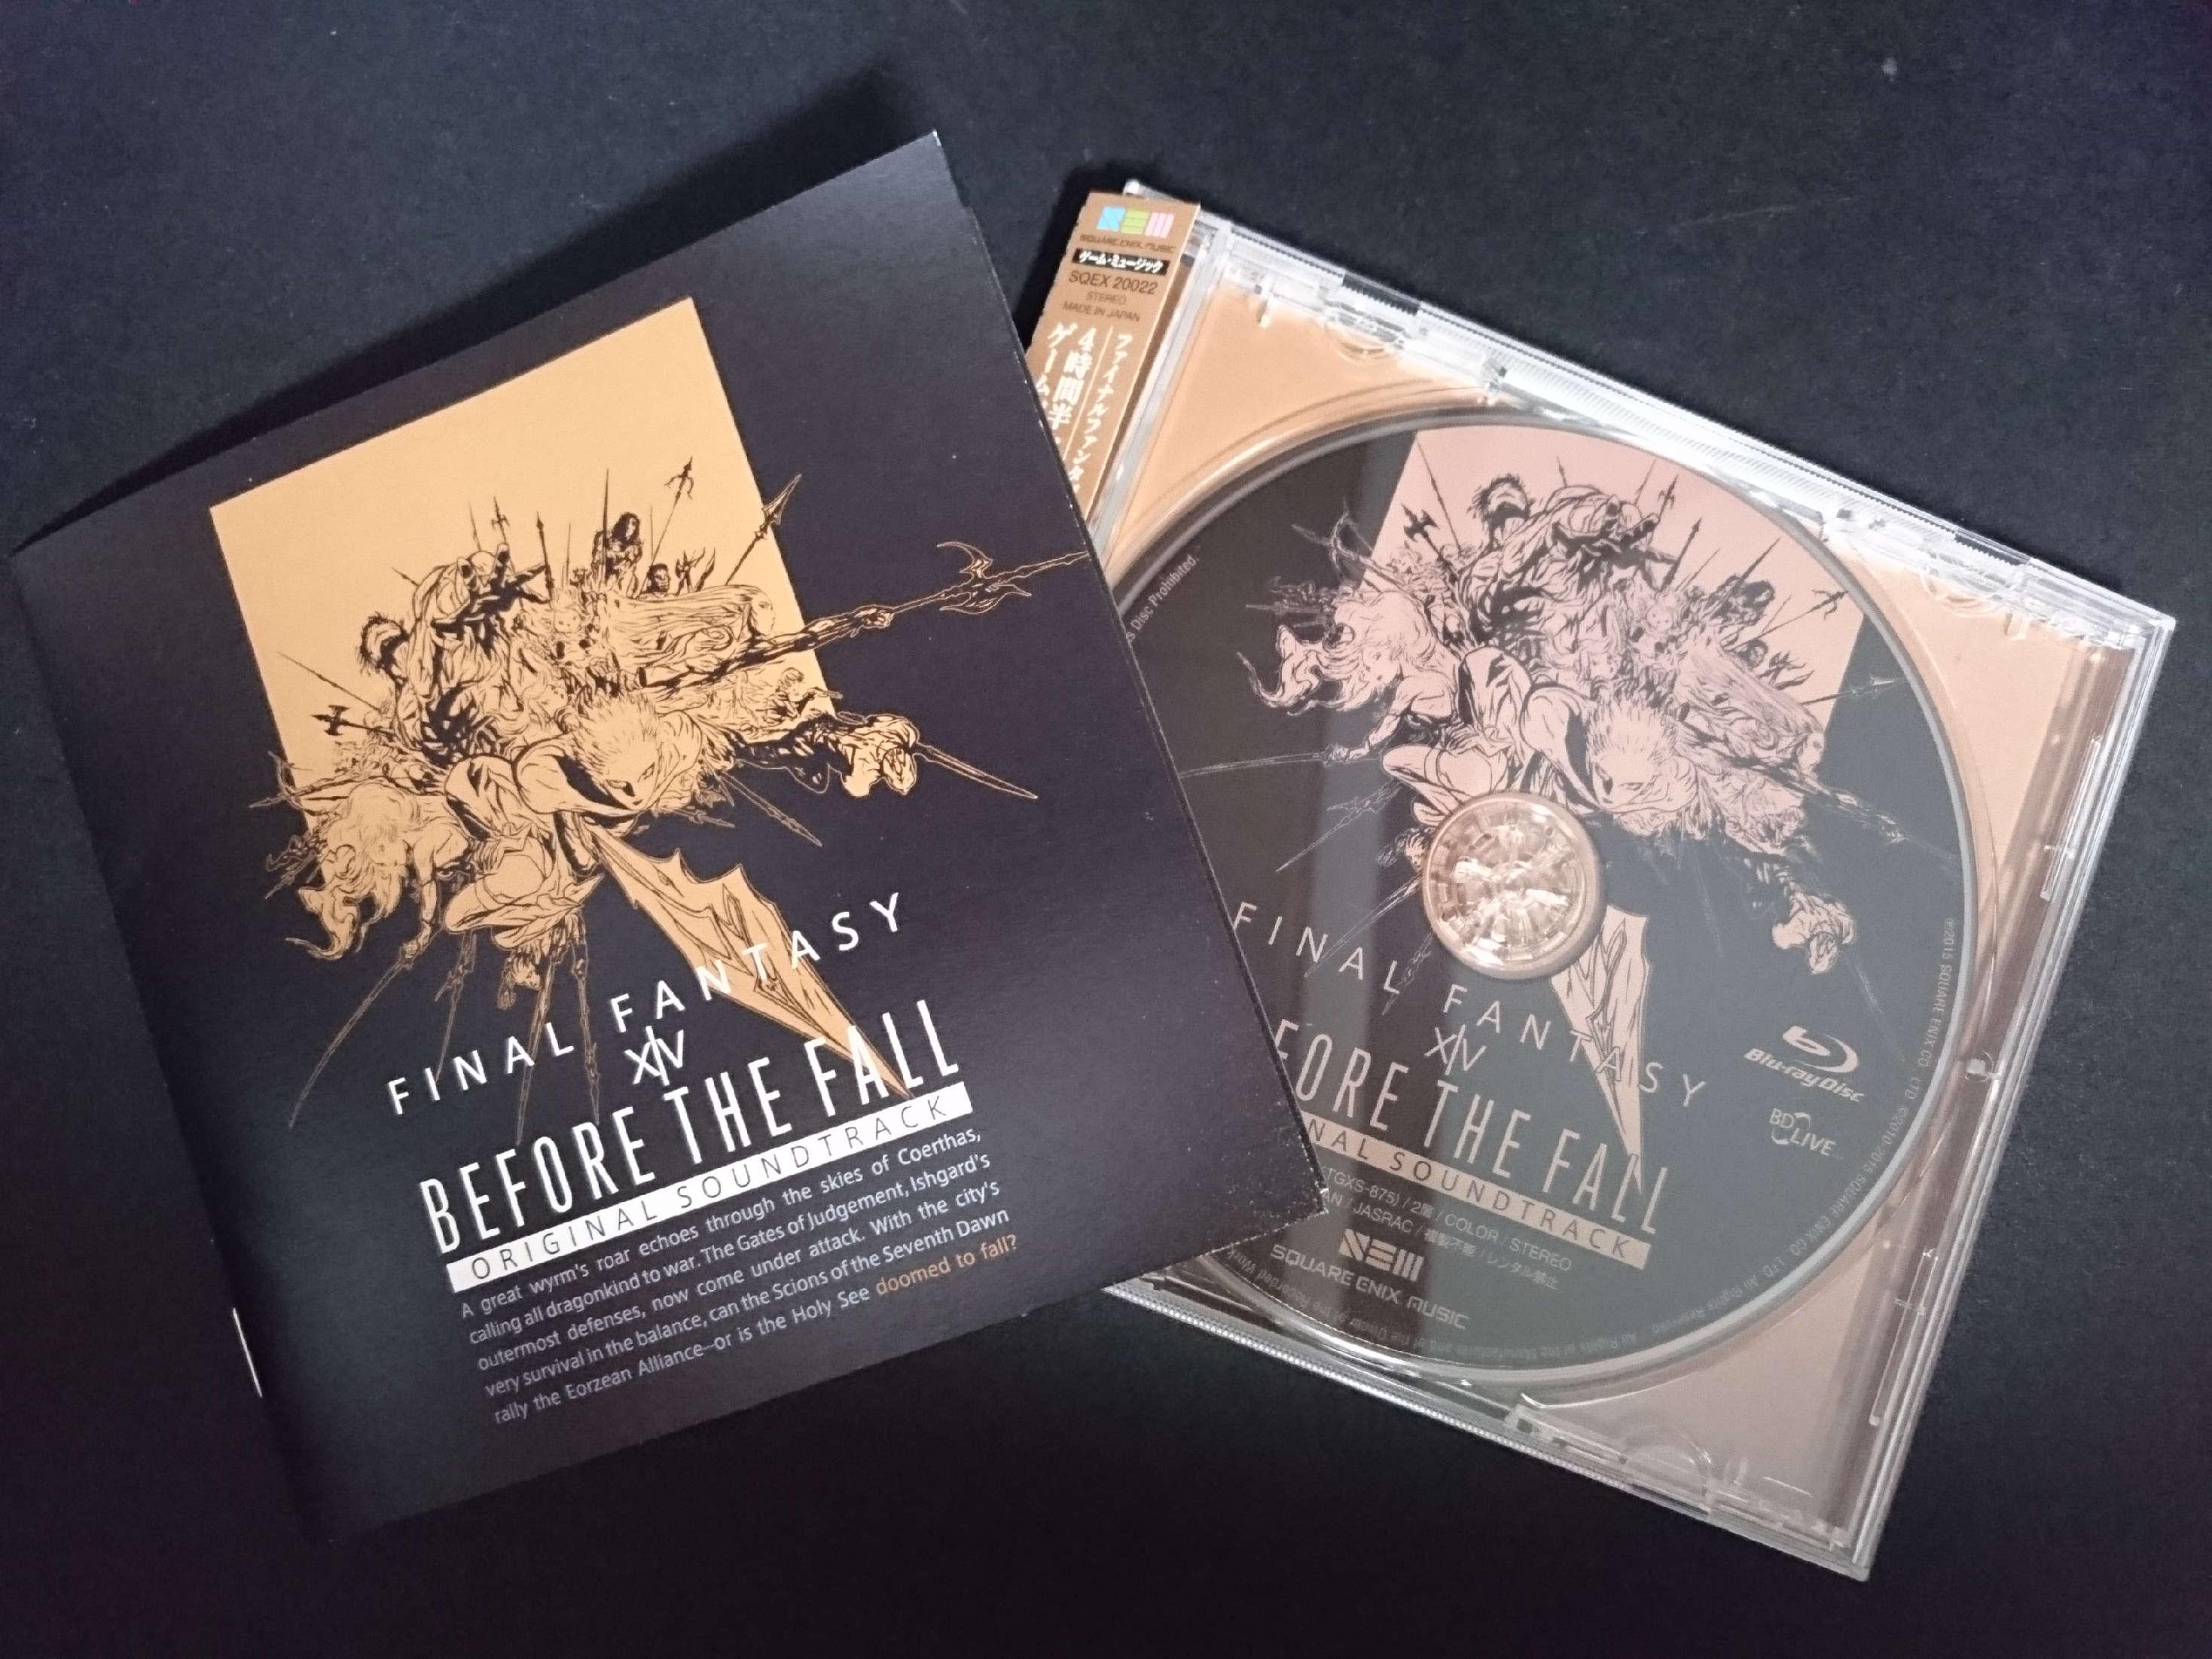 Before The Fall Final Fantasy XIV オリジナルサウンドトラック